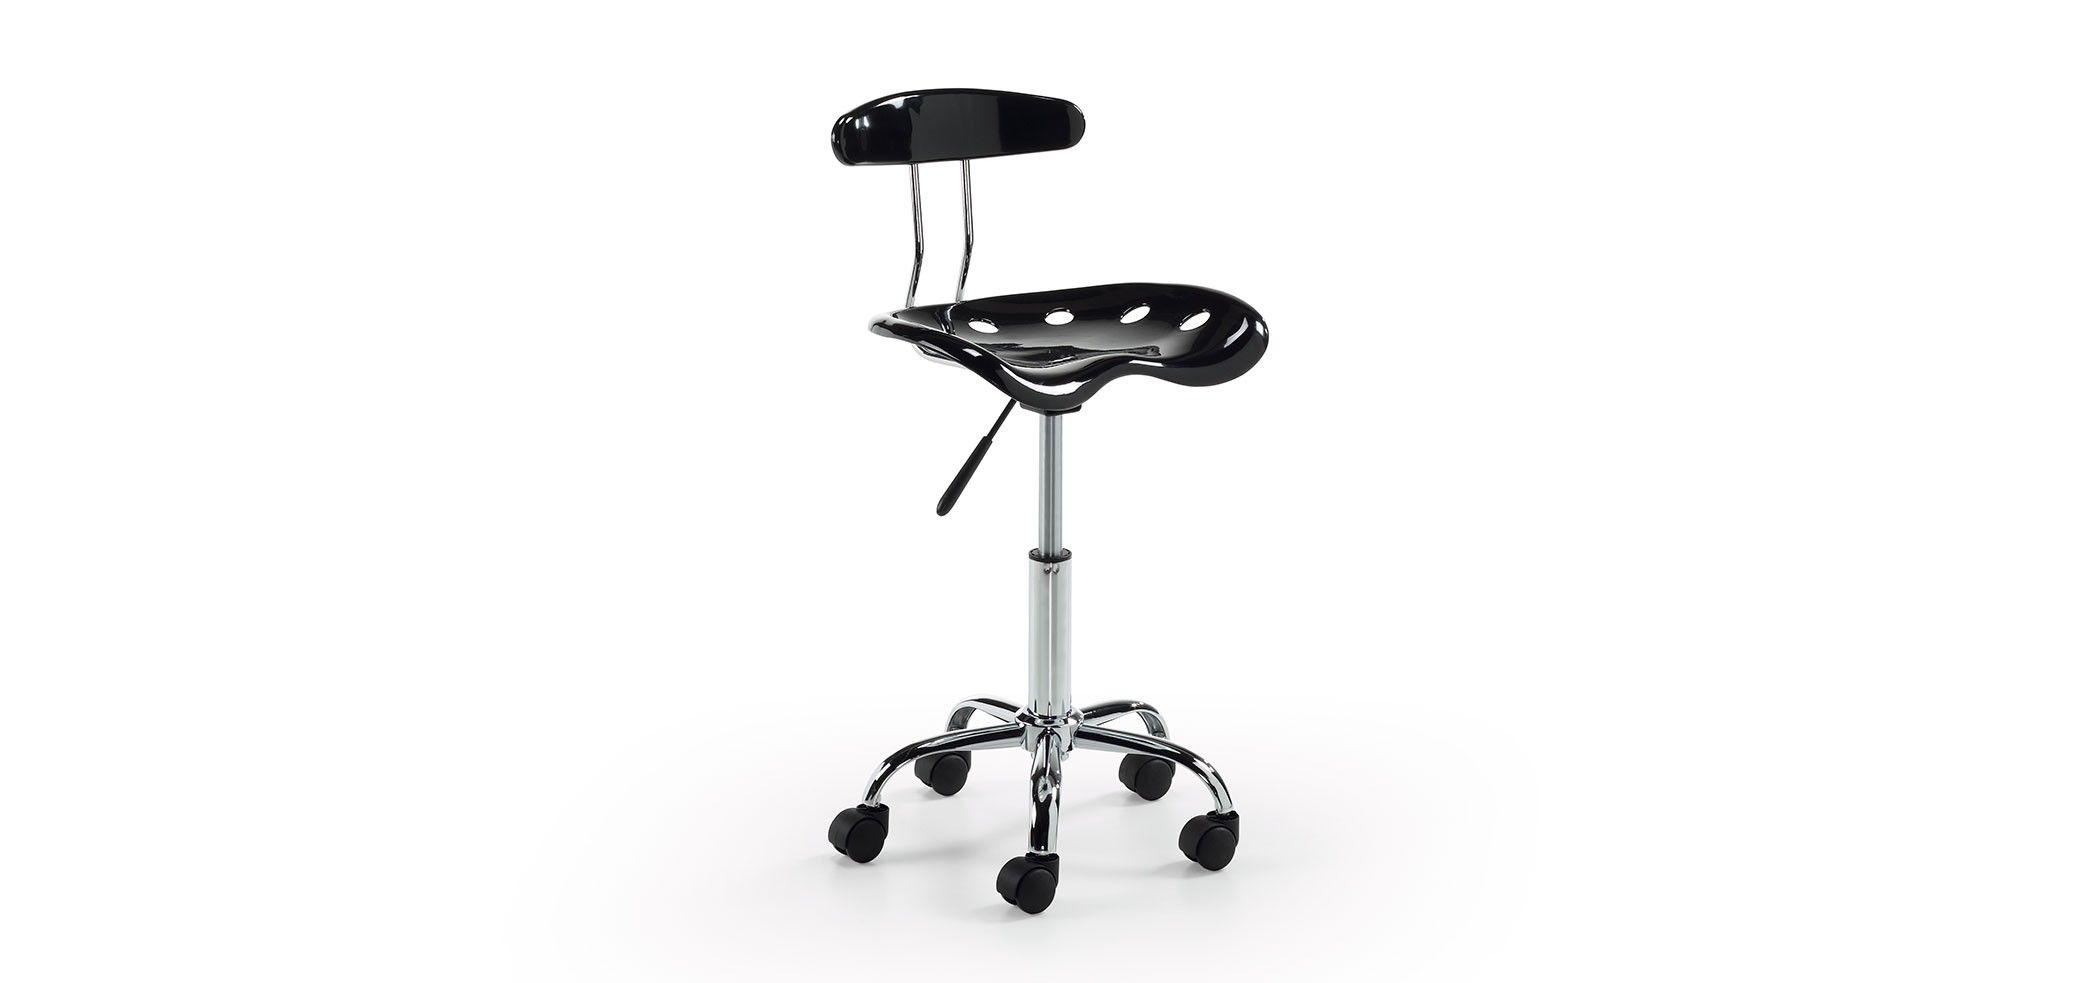 Sillas de oficina sillas despachos c modas planeta for Sillas de oficina comodas